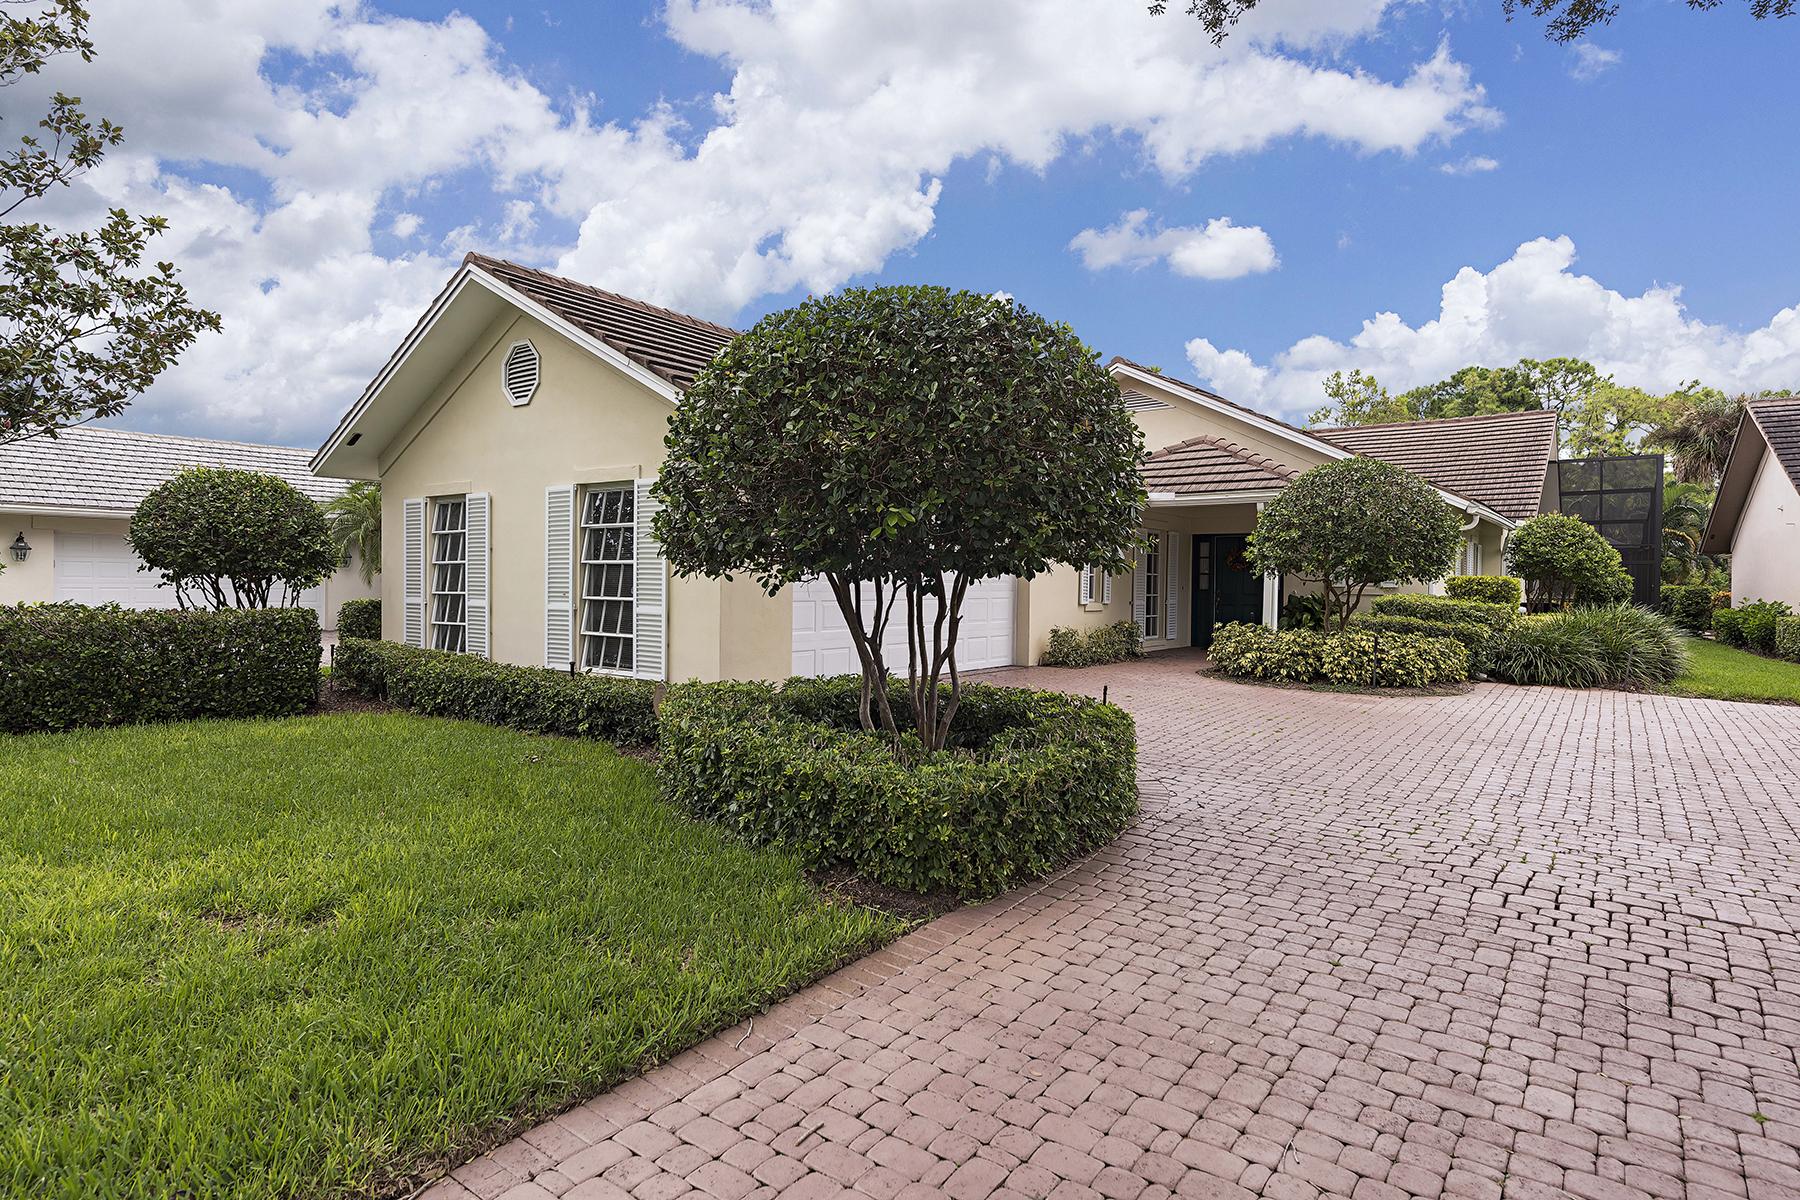 独户住宅 为 销售 在 206 Edgemere Way S, Naples, FL 34105 206 Edgemere Way S Naples, 佛罗里达州 34105 美国